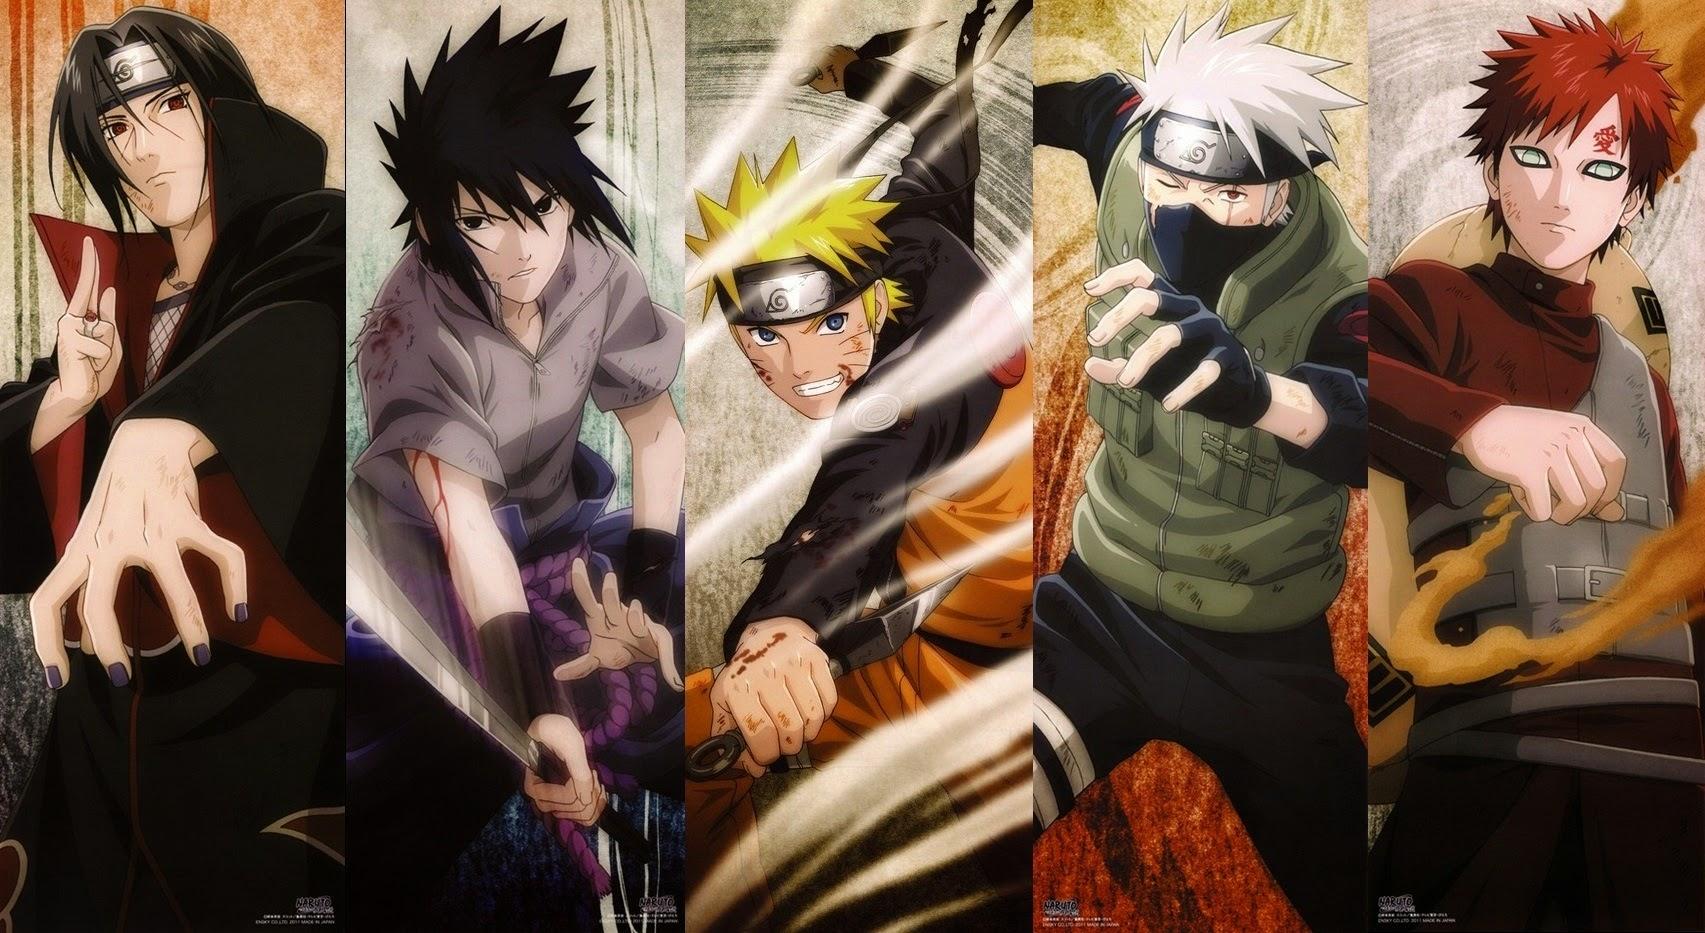 Naruto wallpaper hd naruto shinpuuden wallpaper naruto wallpaper hd voltagebd Images